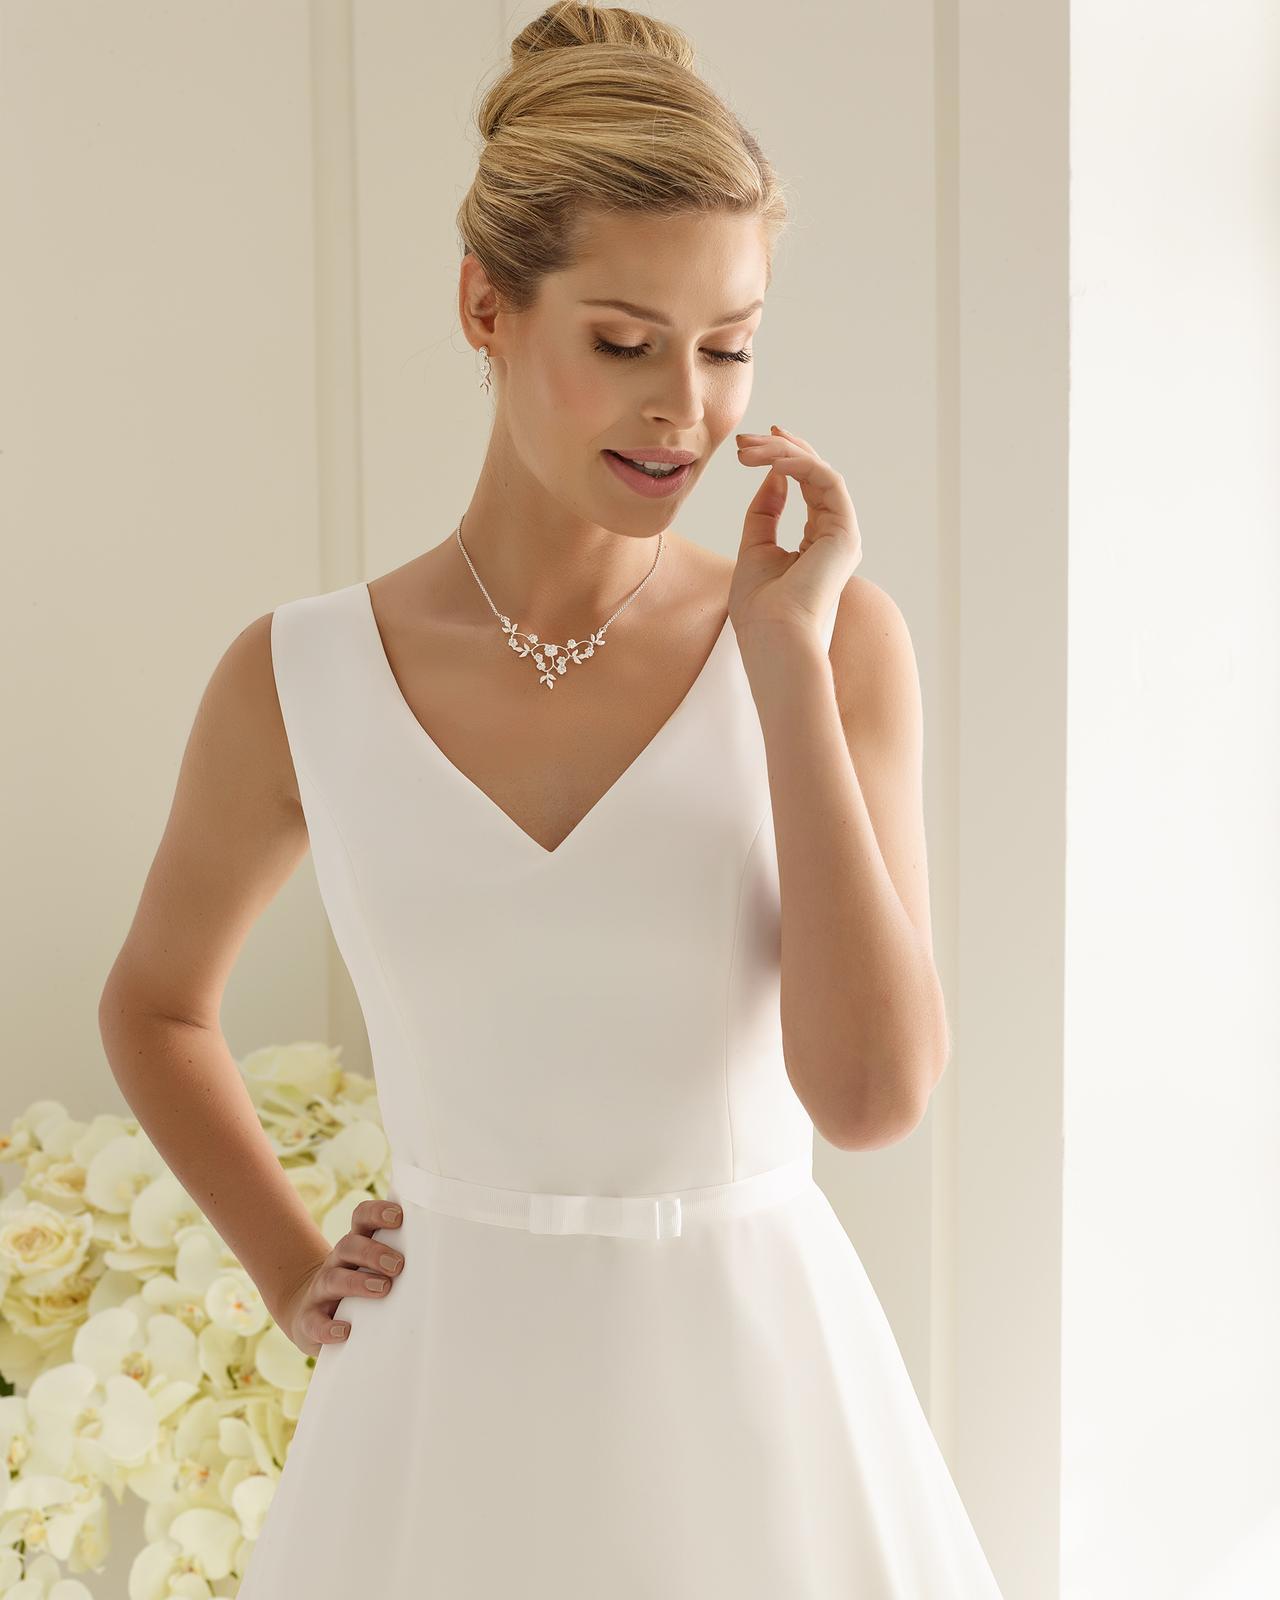 Svatební šaty k prodeji již od  9900,-Kč - Dalida